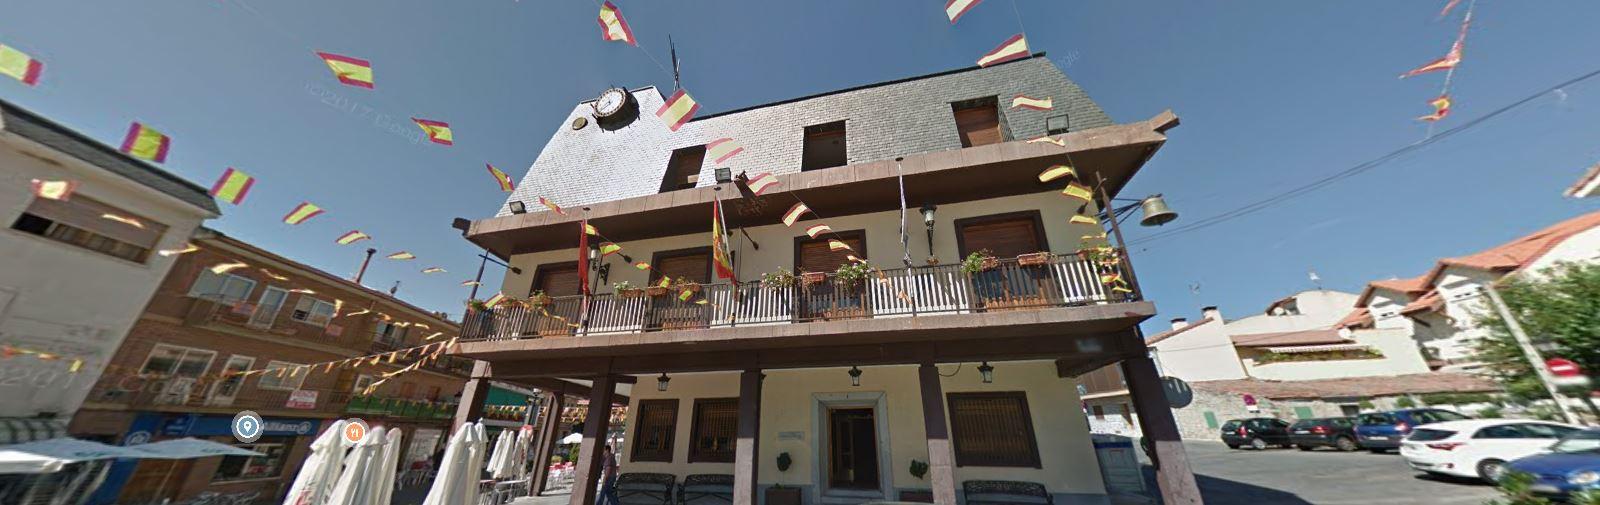 Registro civil - Ayuntamiento Becerril de la Sierra